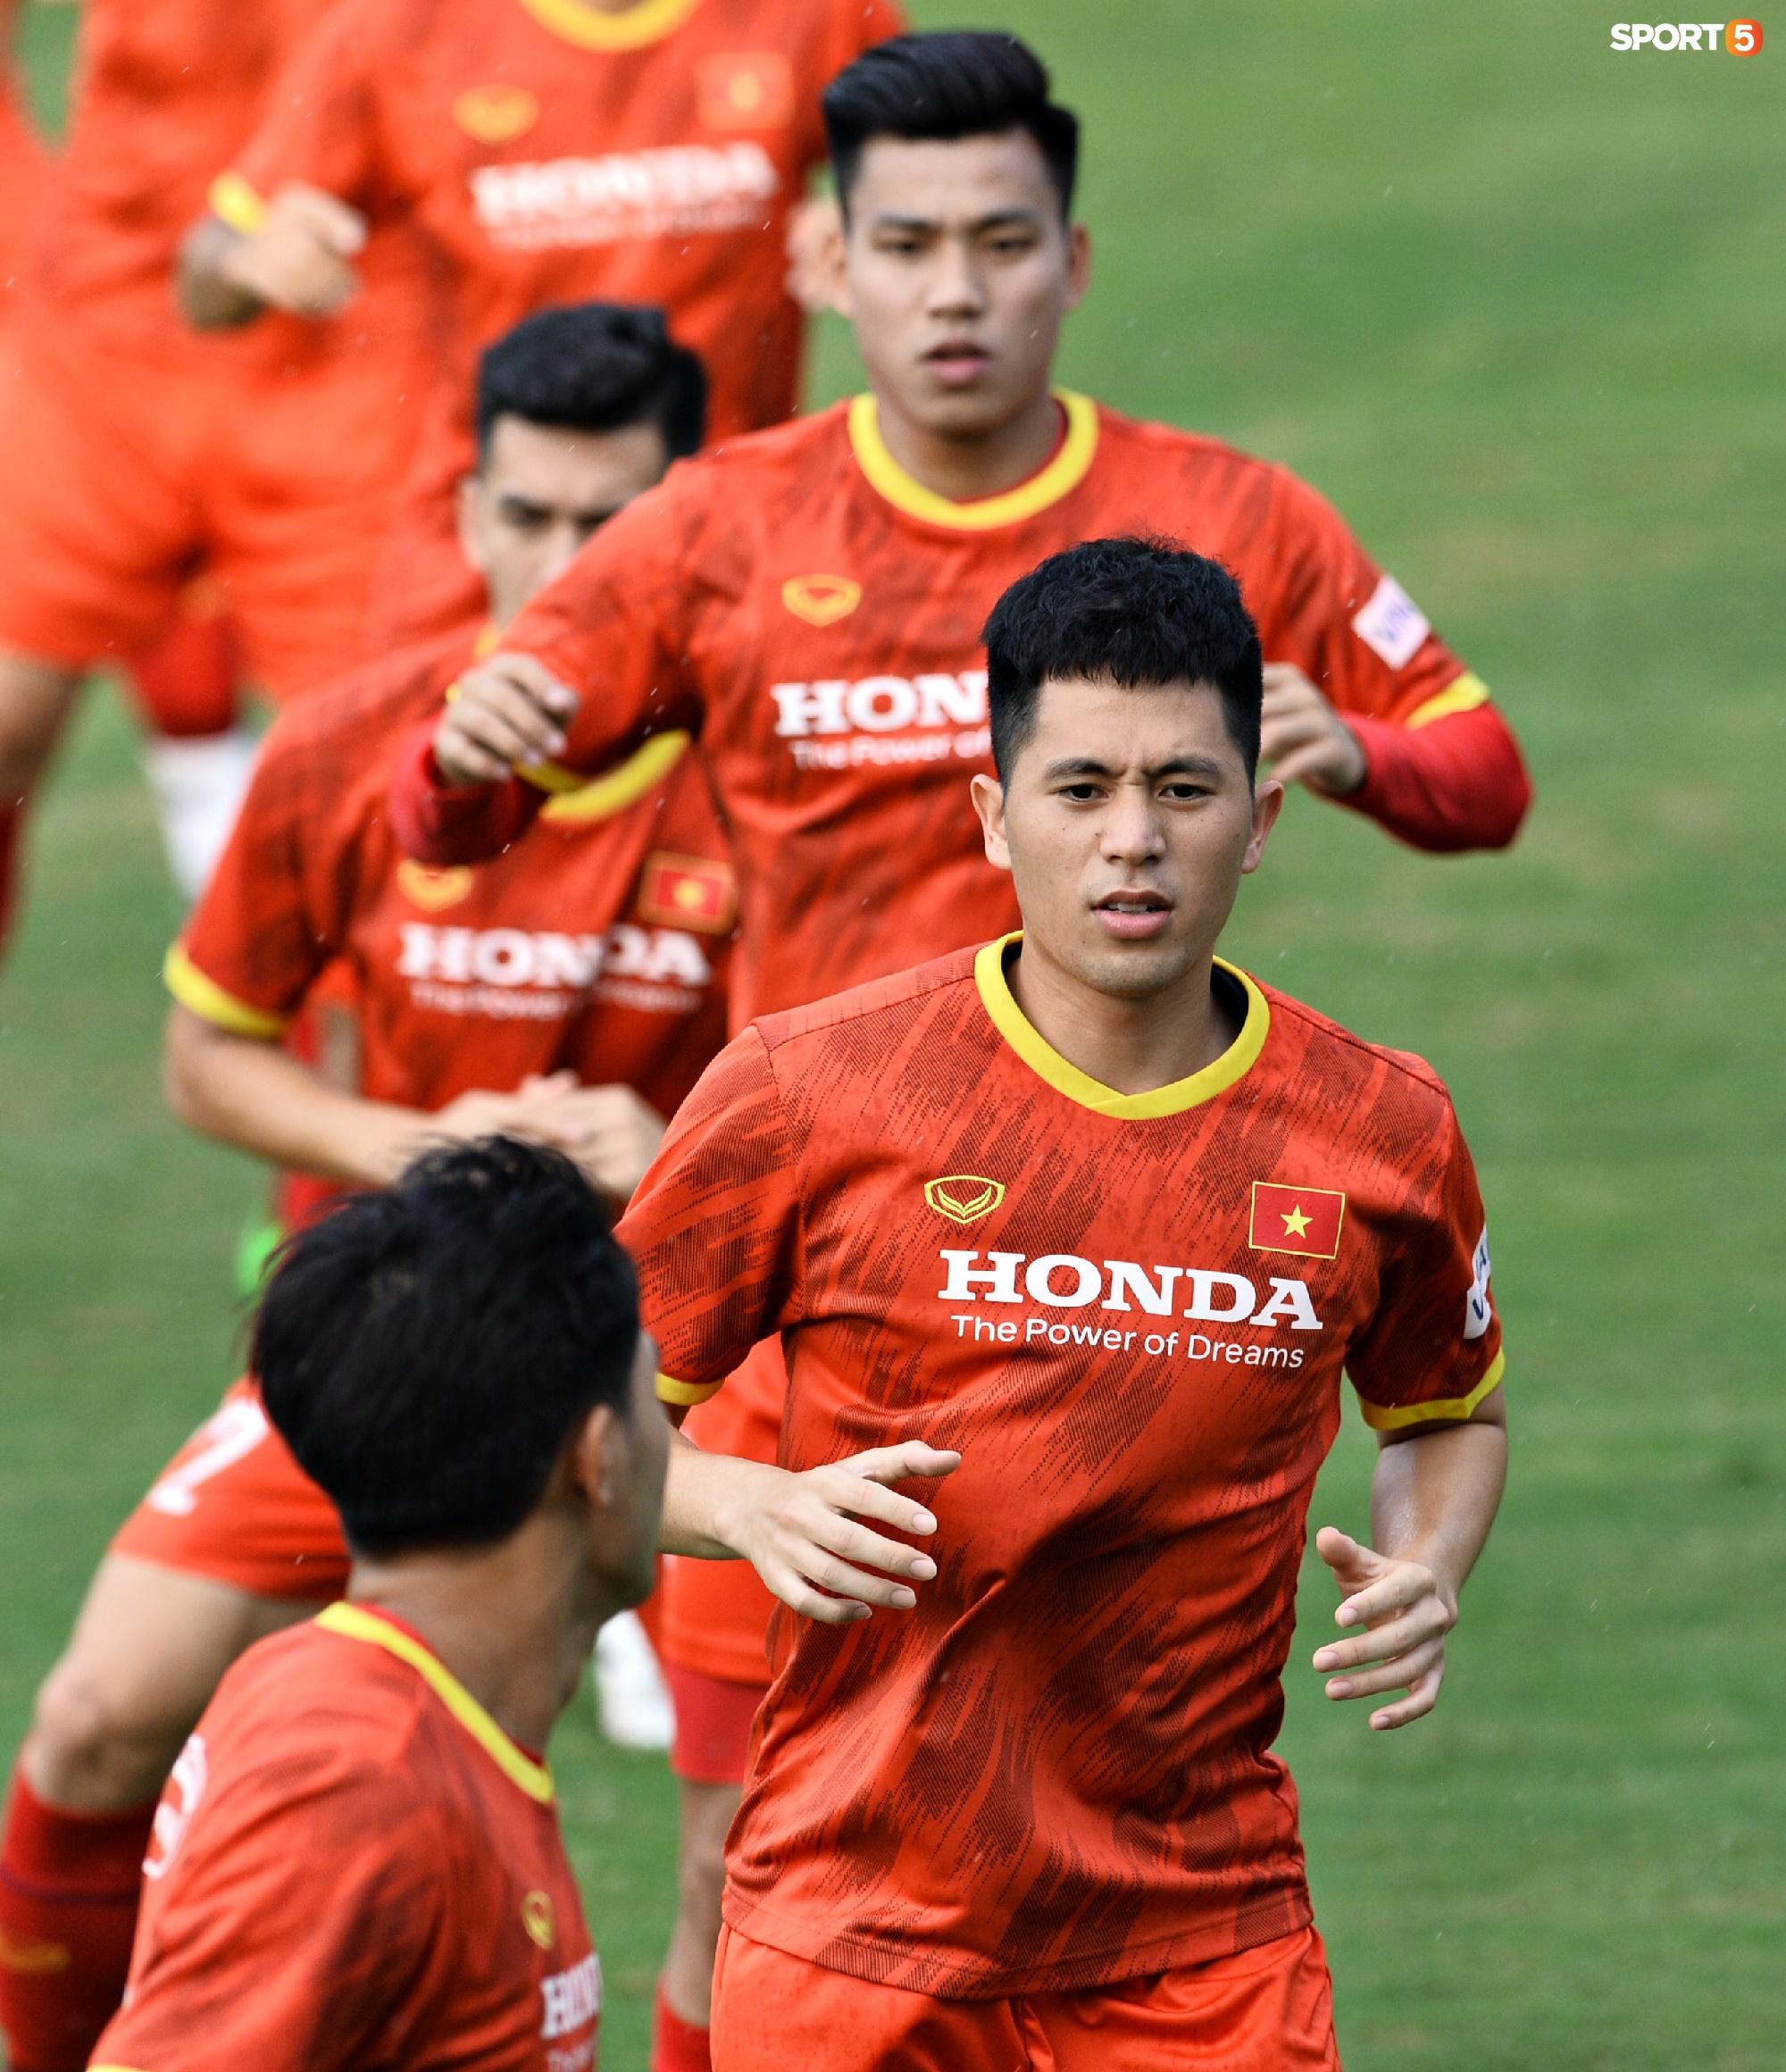 Chuyên gia 9x của CLB Hà Nội bất ngờ thị sát đội tuyển Việt Nam tập luyện - Ảnh 7.